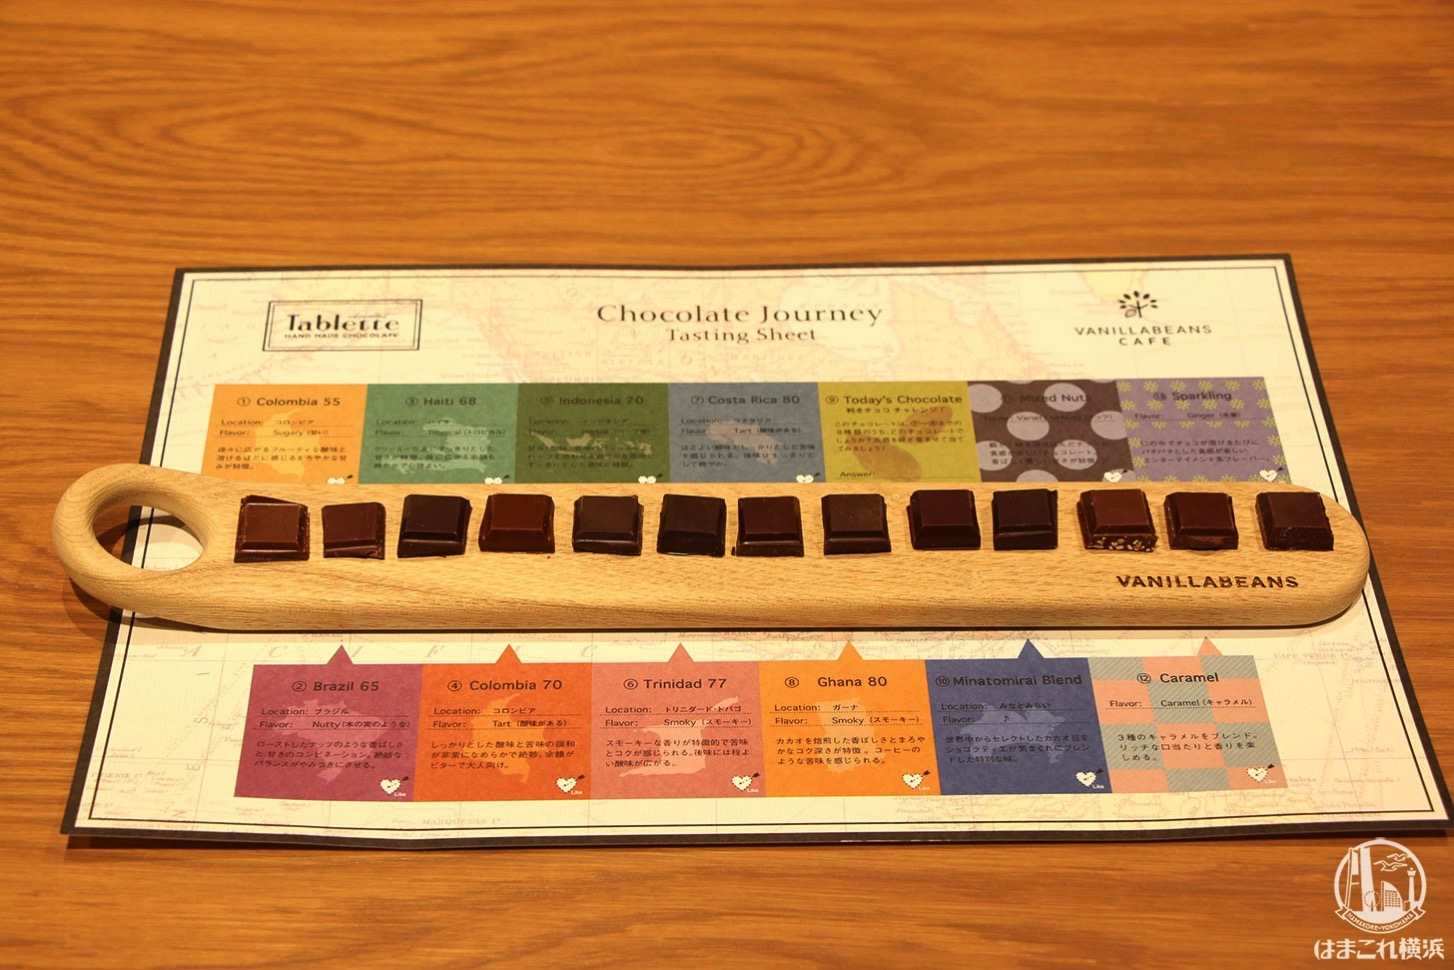 チョコレートジャーニー 1,134円